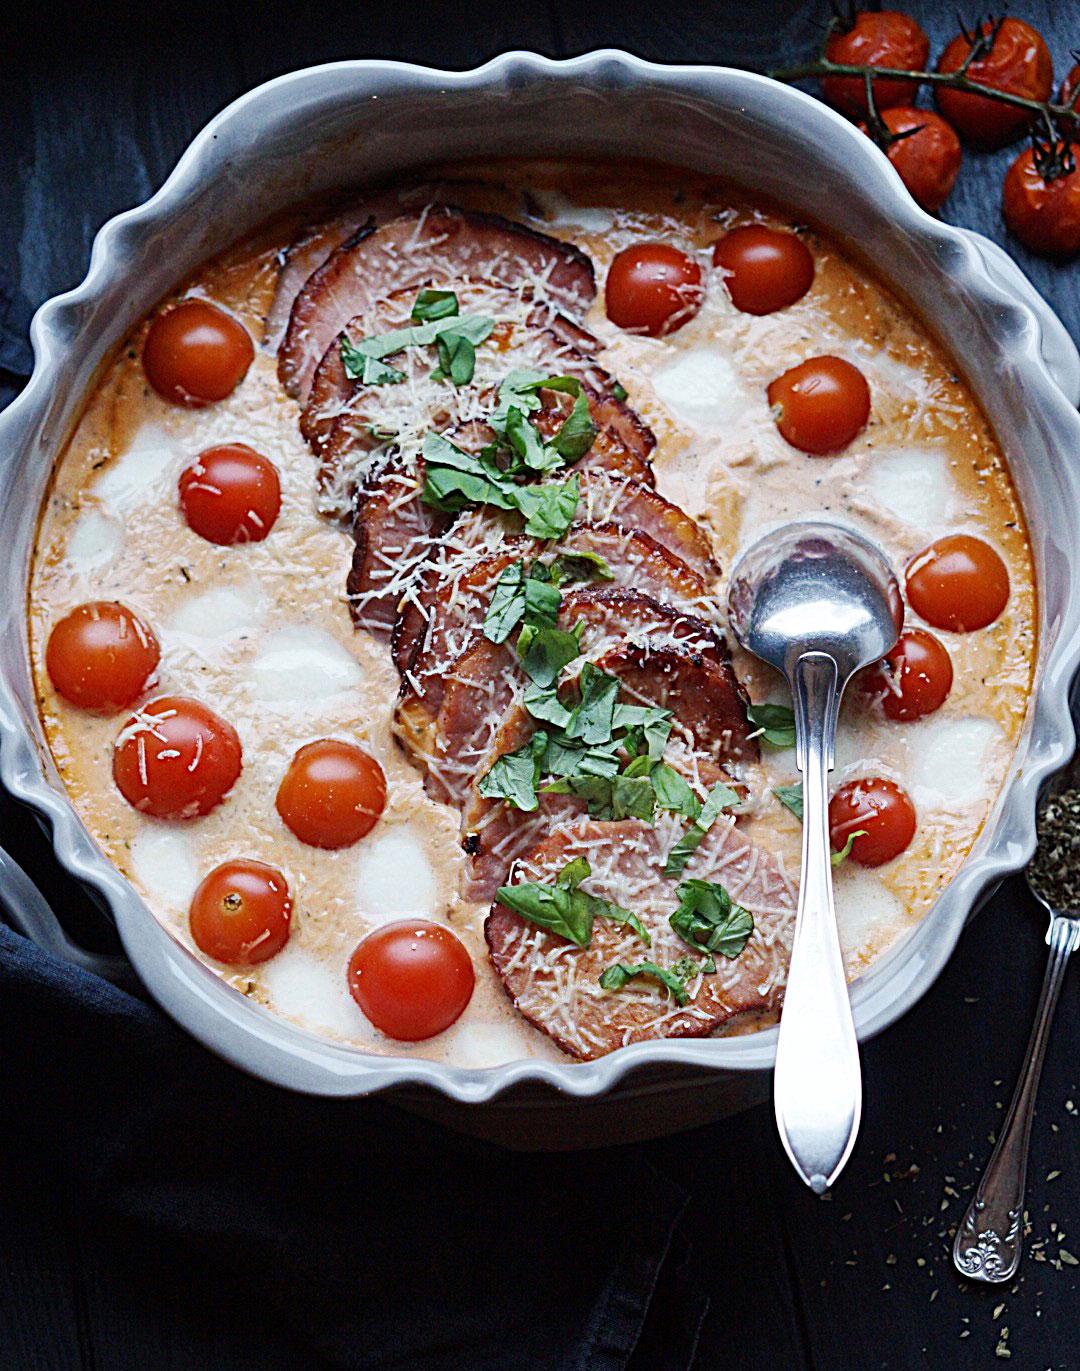 Italiensk, gratinerad kassler signerad Jennys rum och spis